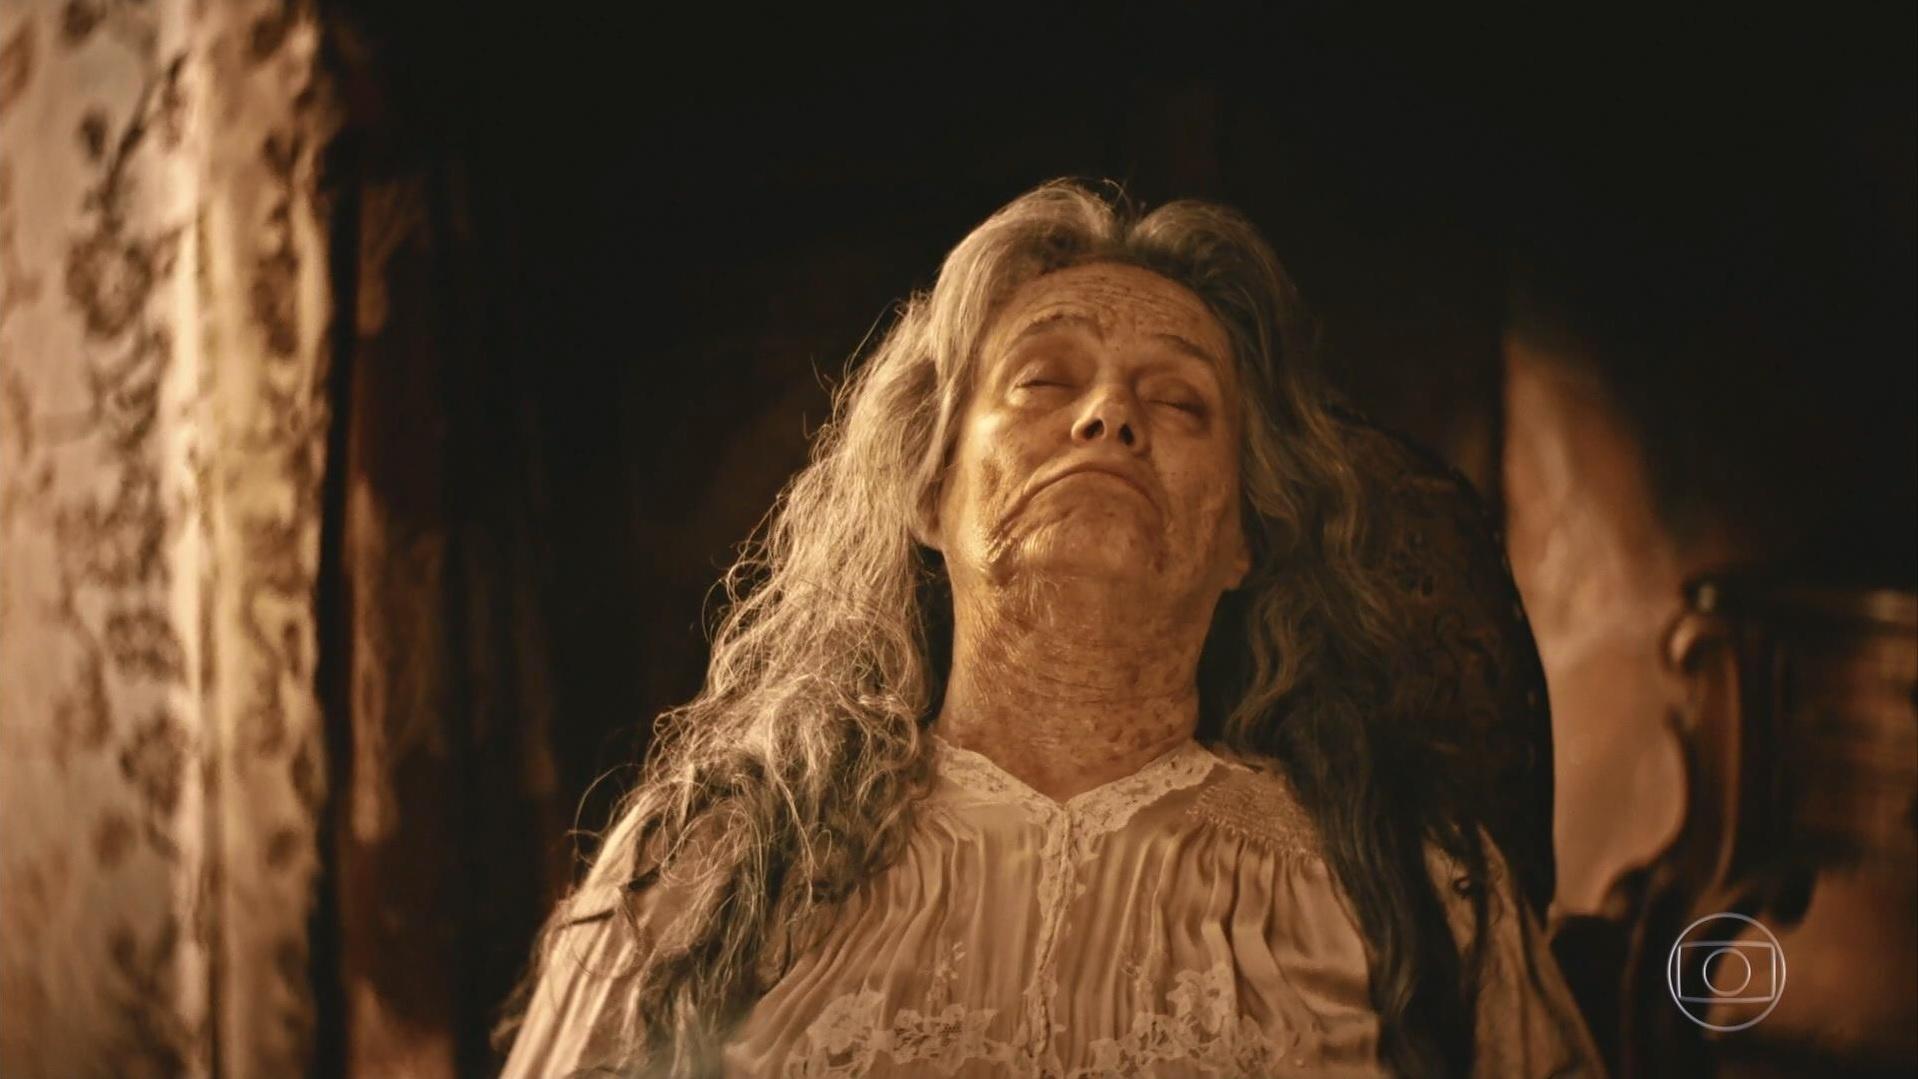 Encarnação (Selma Egrei) morre sentada na cadeira em